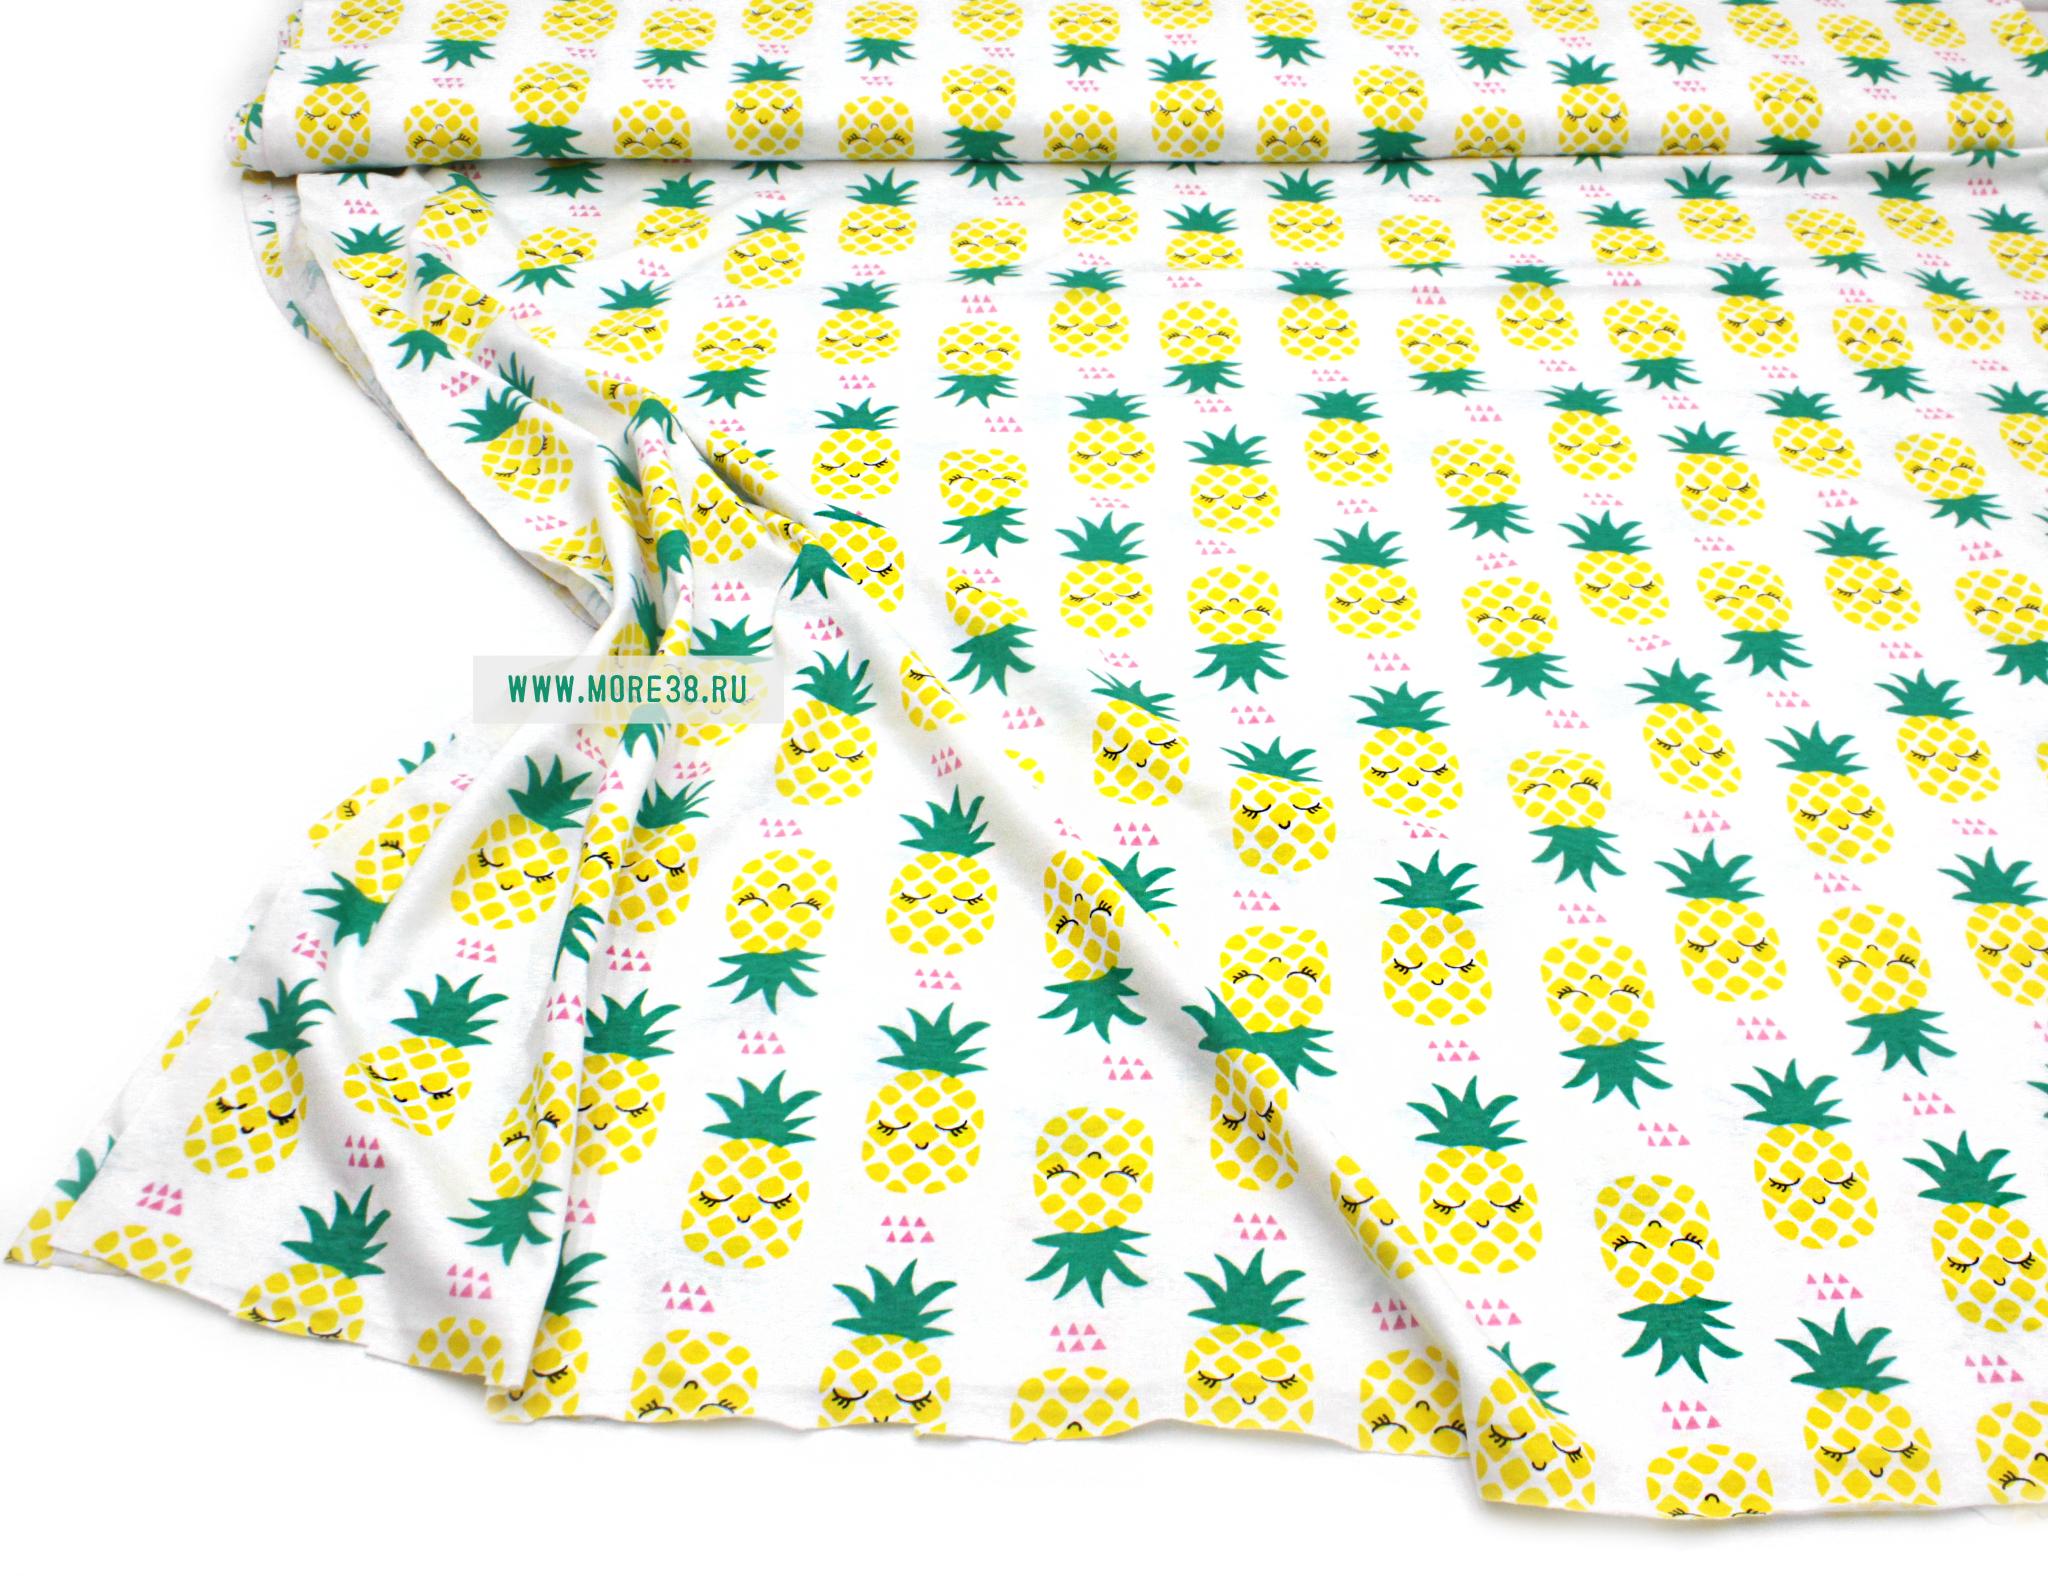 Спящие ананасы,кулирка